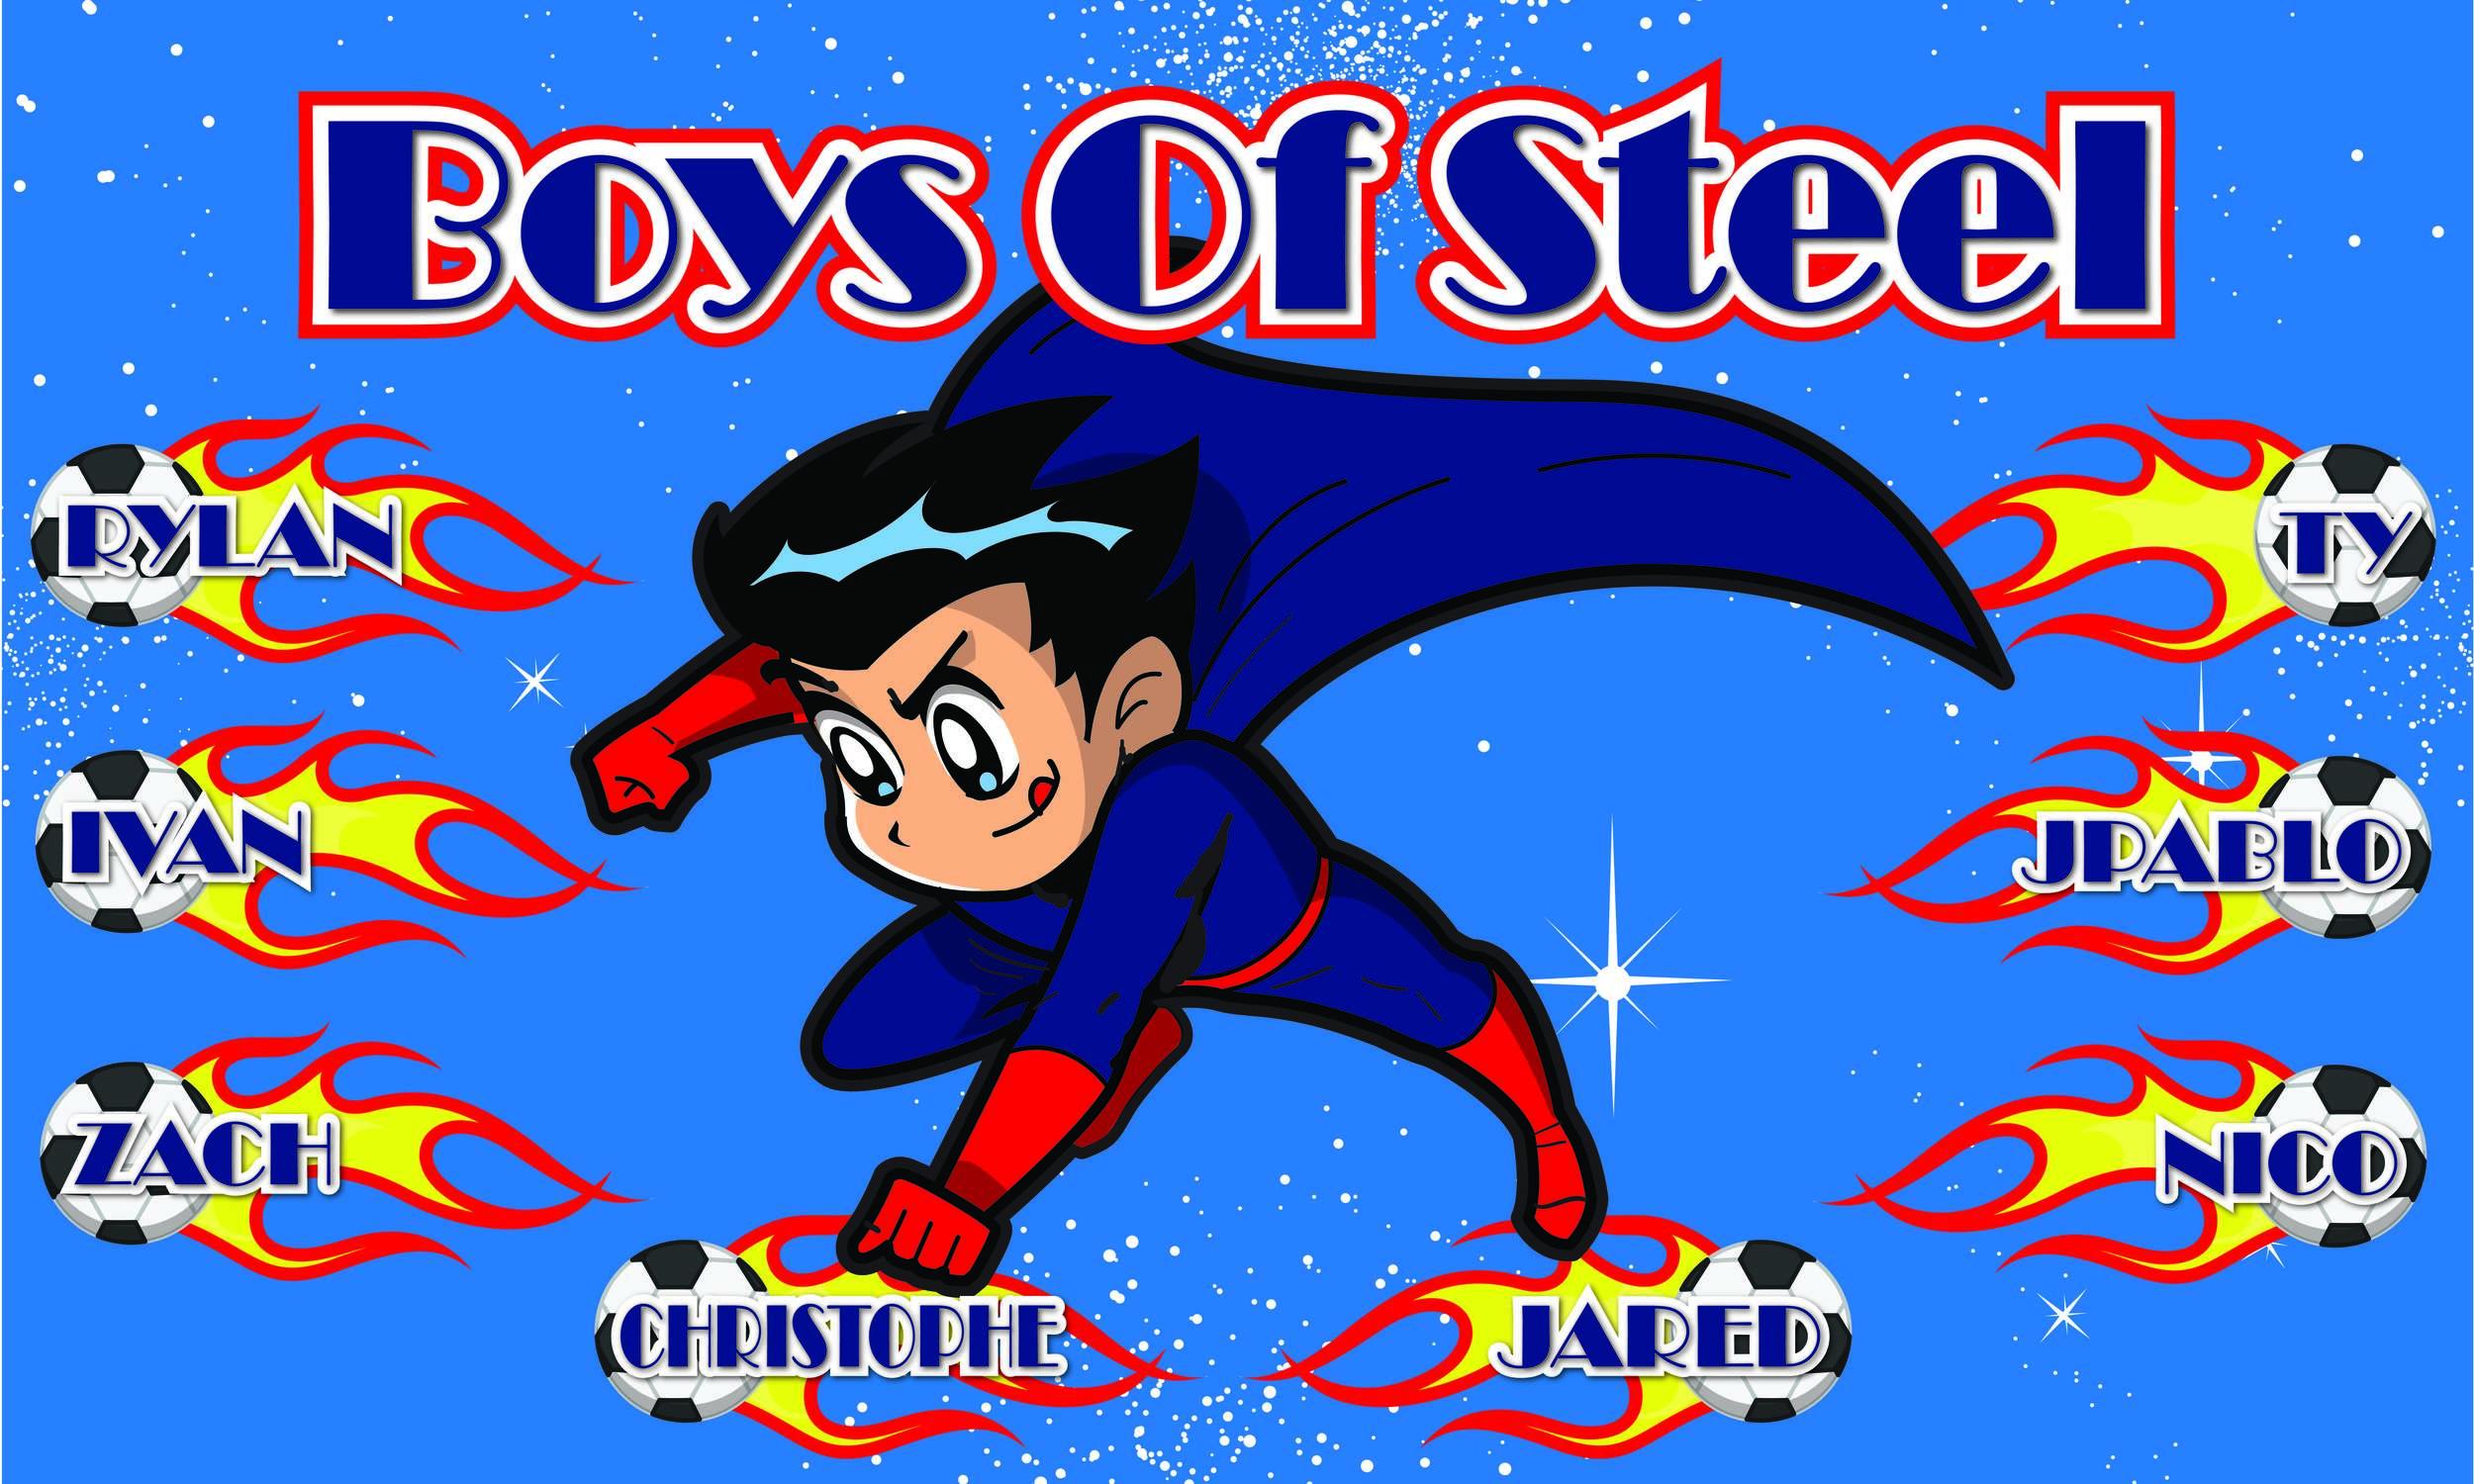 Boys of Steel soccer-01.jpg